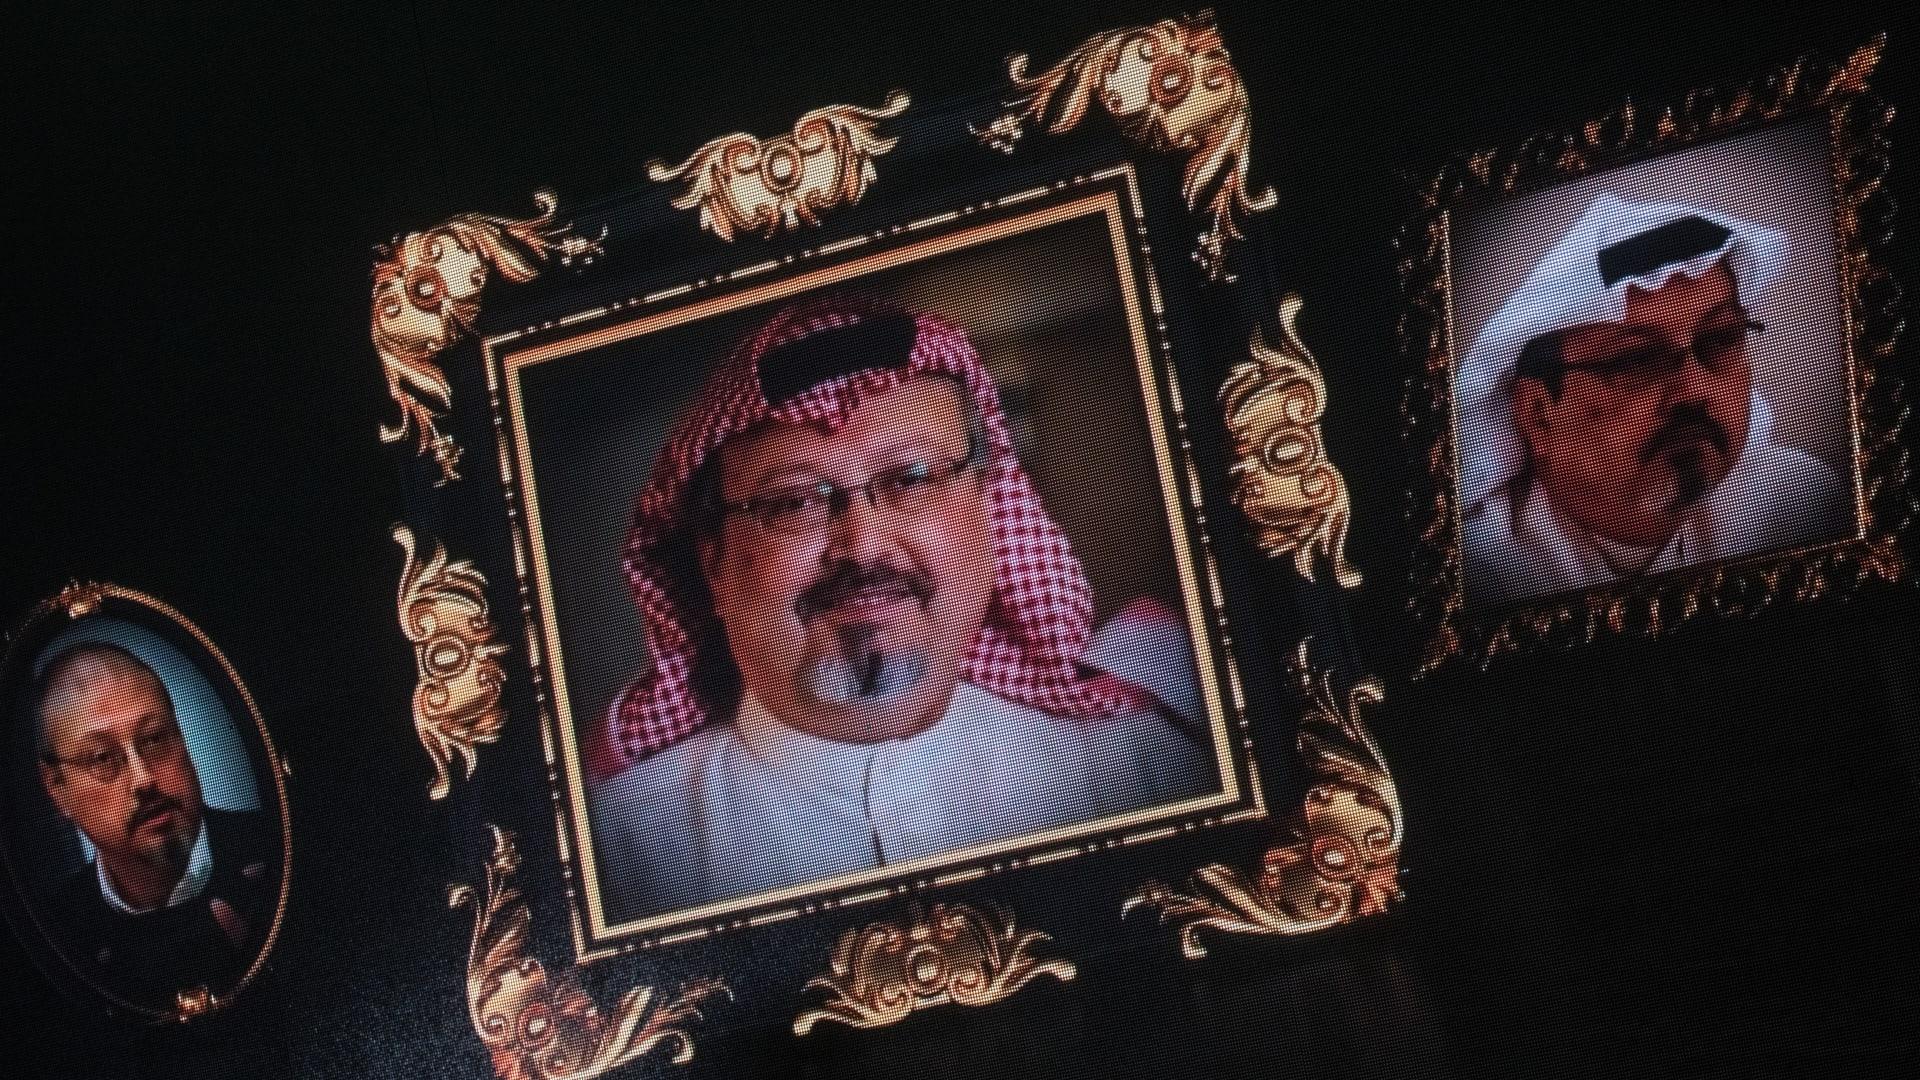 100 يوم على قتله.. فيديو جديد قد يُظهر نقل جثة جمال خاشقجي